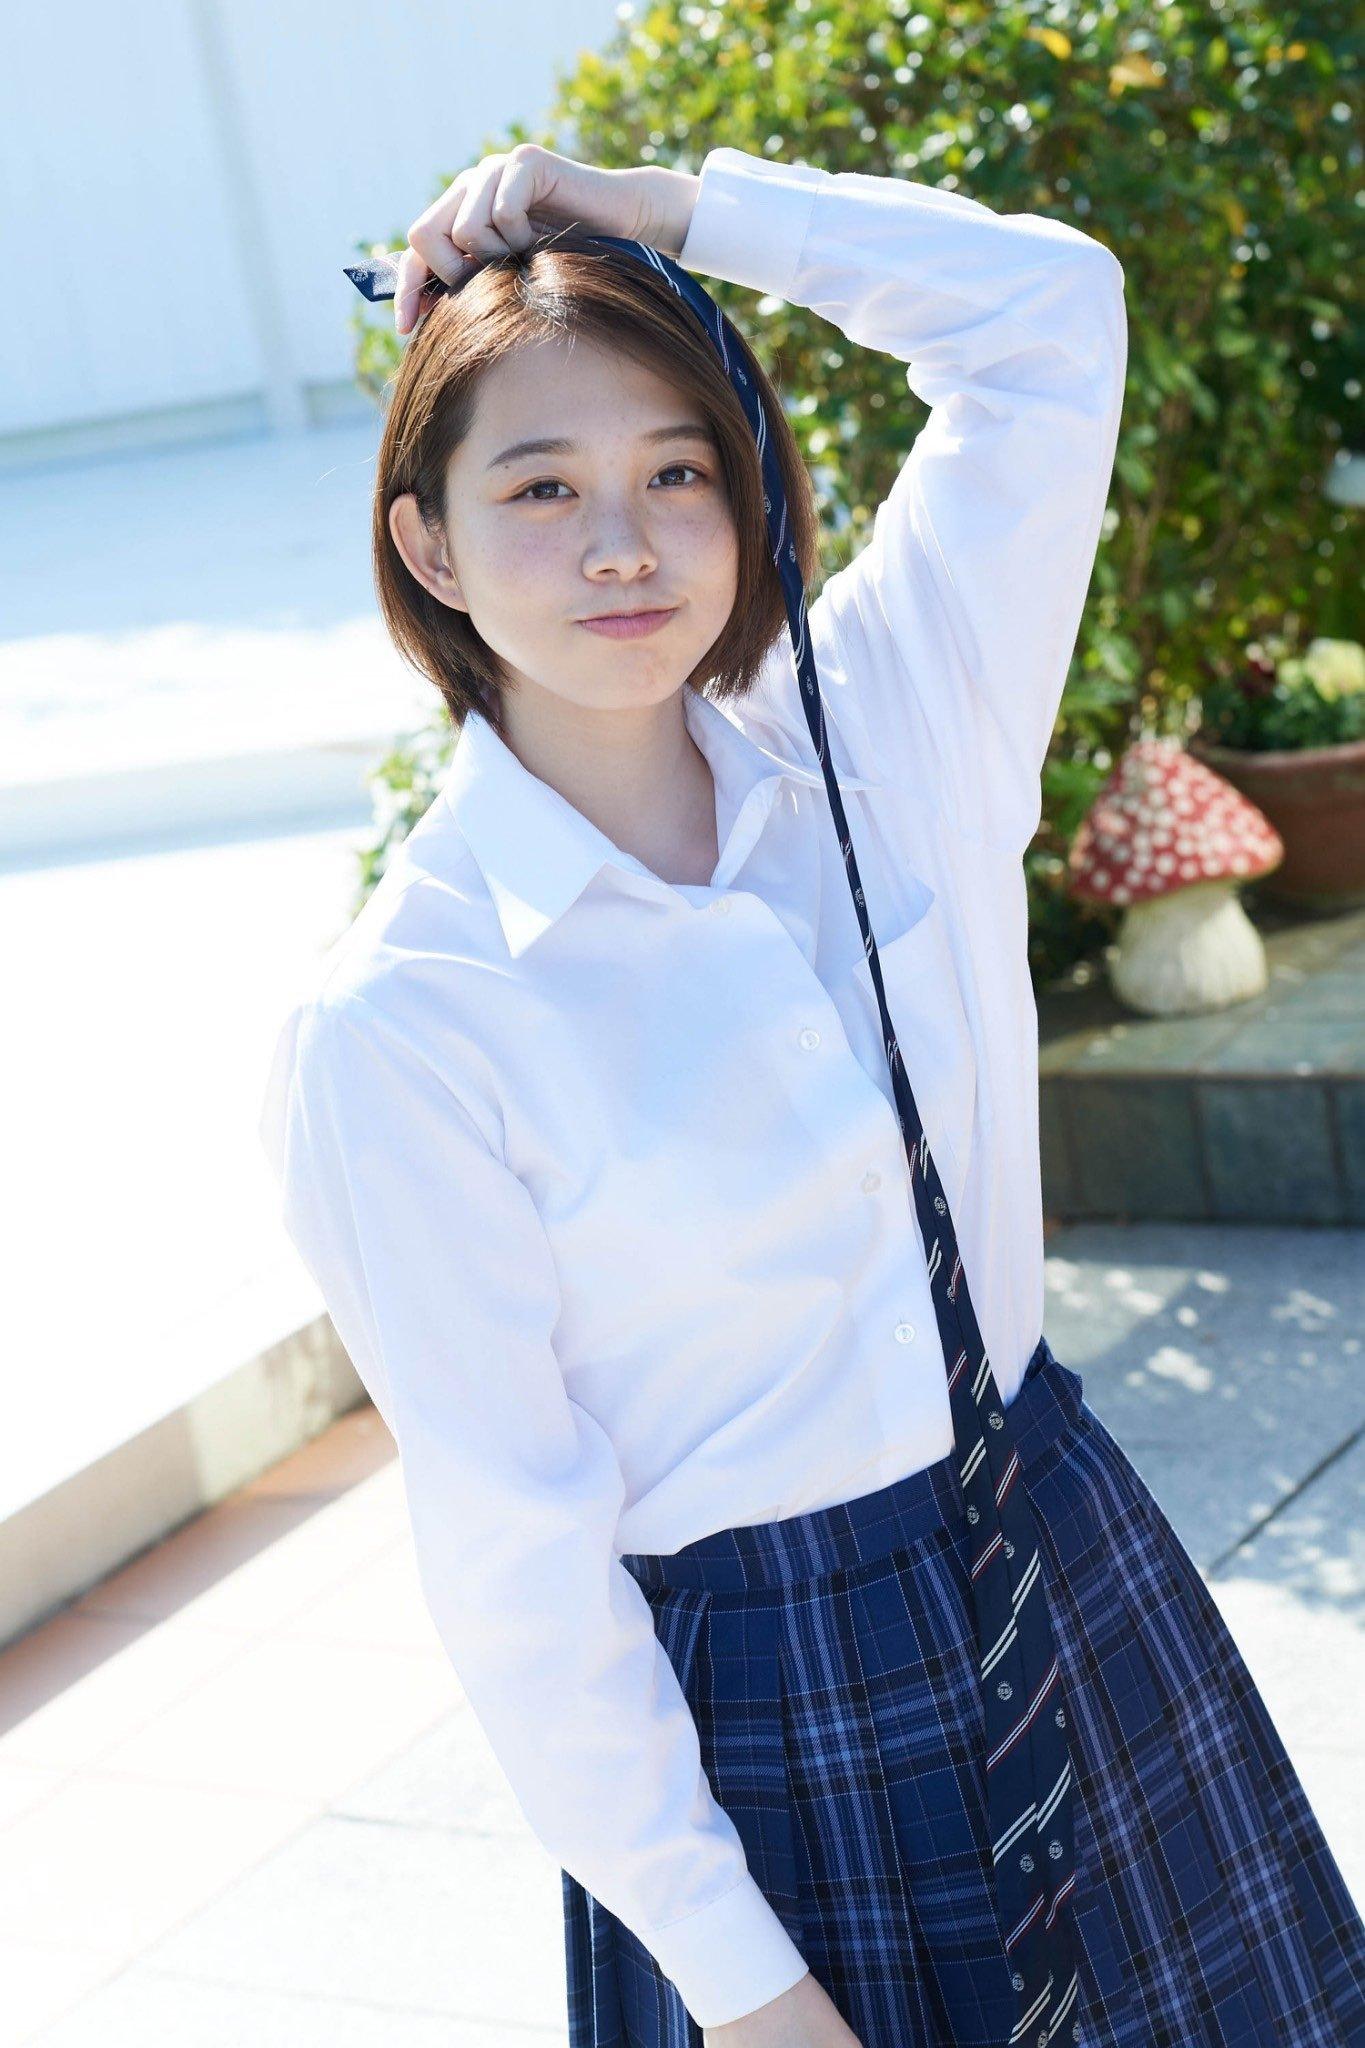 甜甜一笑,心情转好18岁妹新田步凪比基尼解放纤腰、事业线 养眼图片 第4张